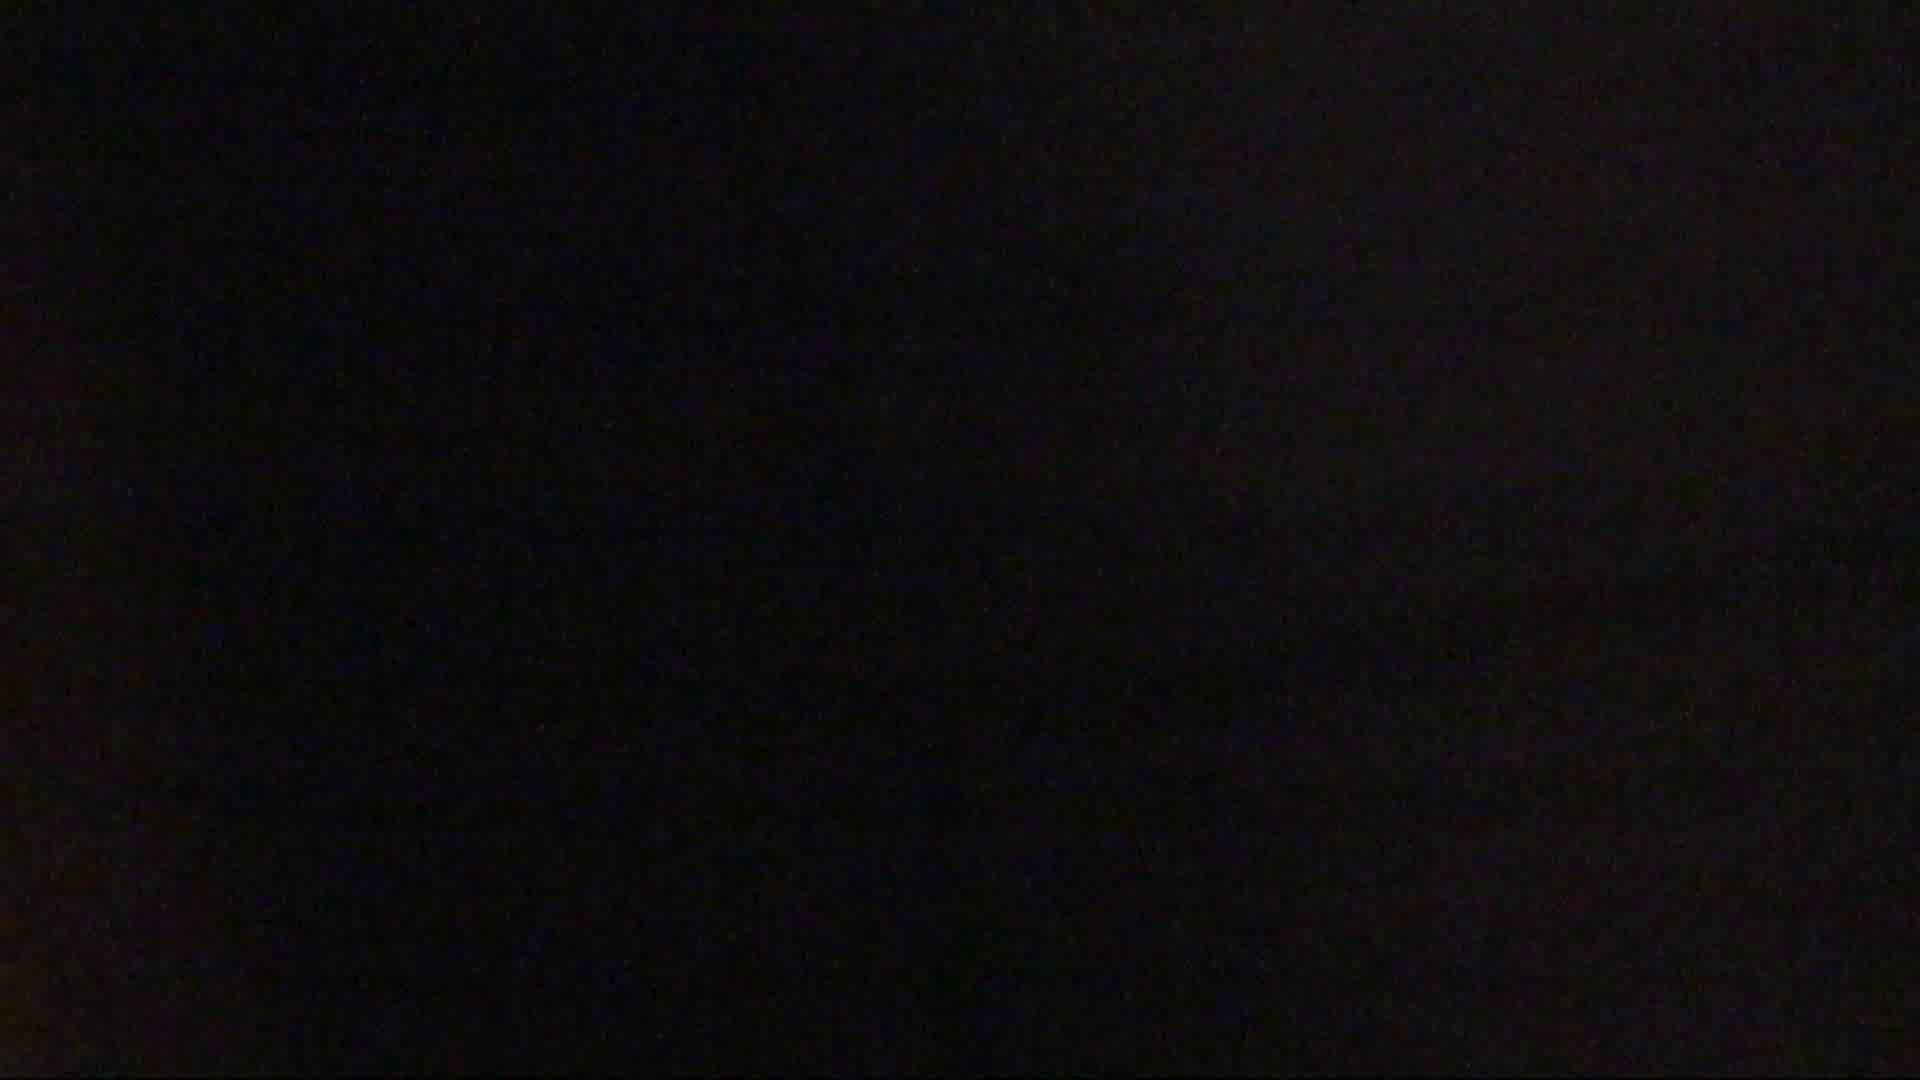 vol.02超可愛すぎる彼女の裸体をハイビジョンで!至近距離での眺め最高! HなOL 女性器鑑賞 78pic 38